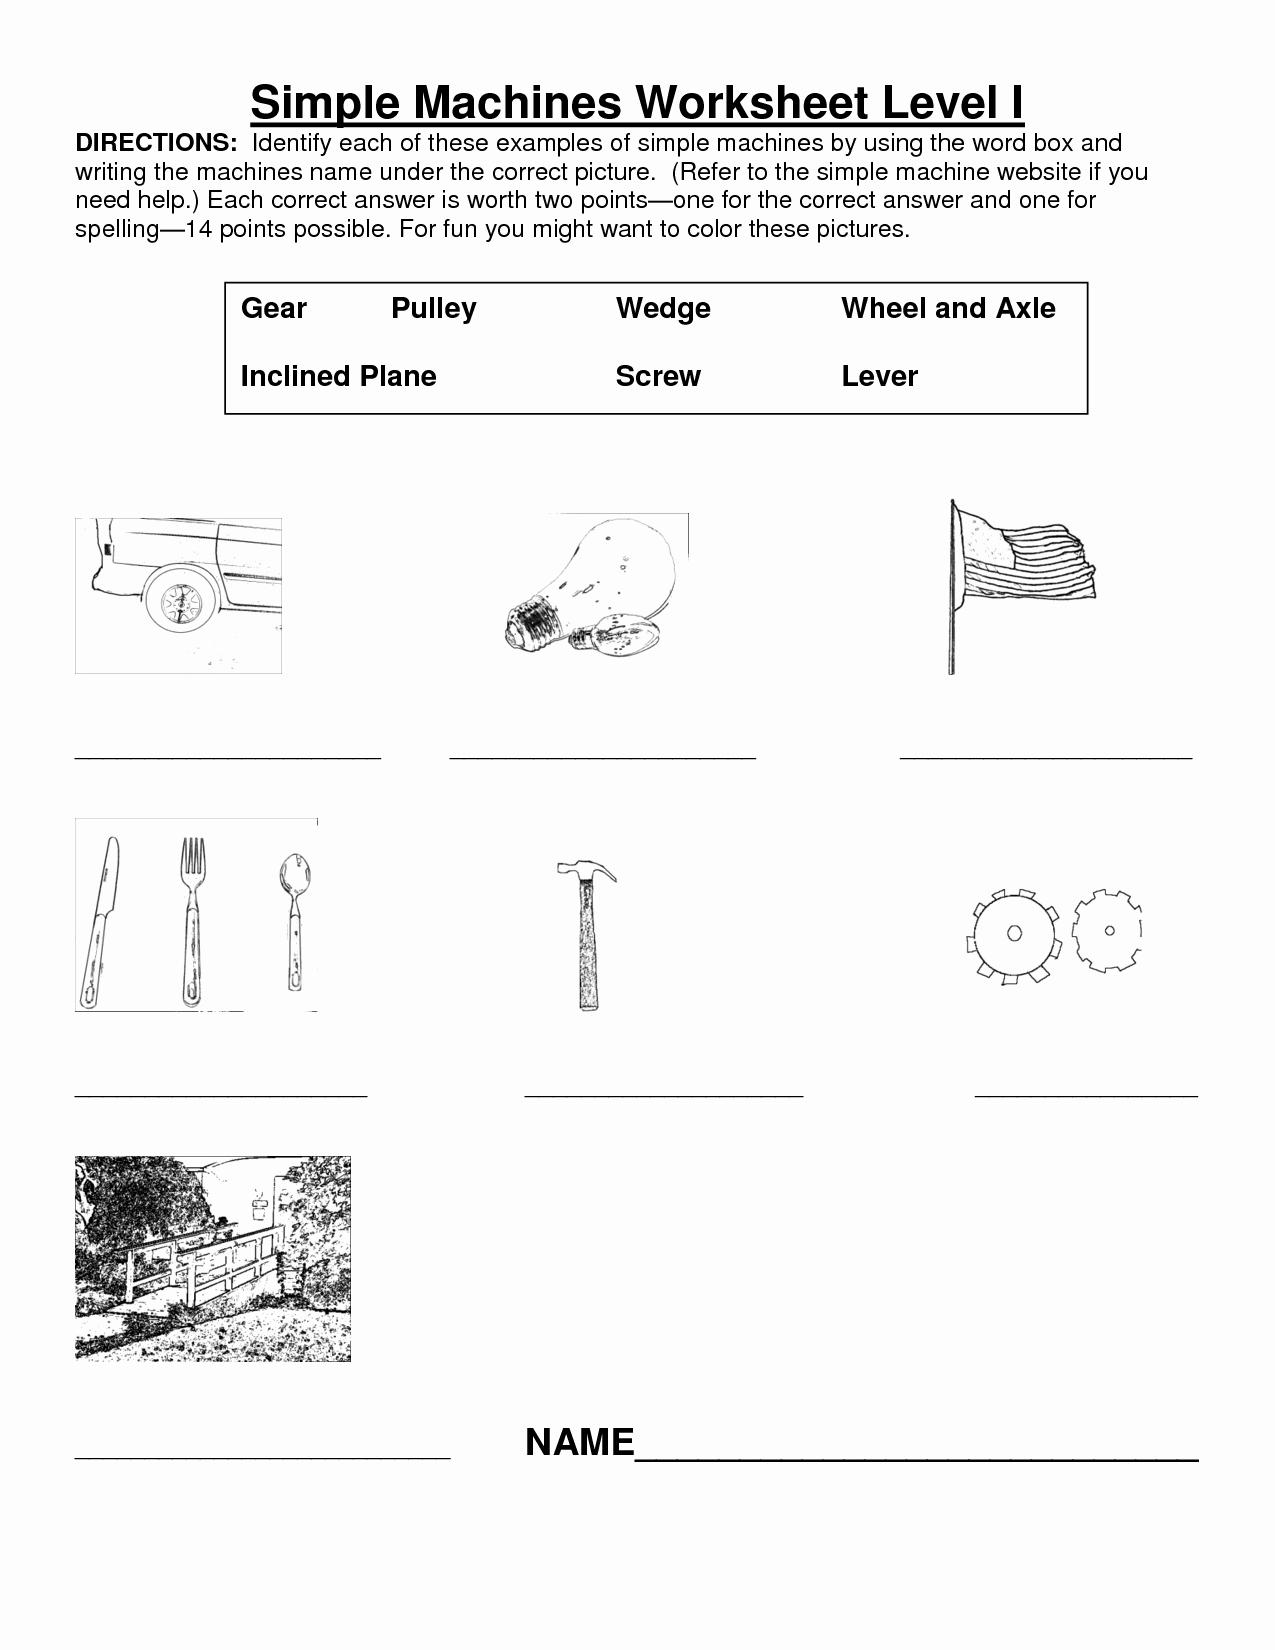 Simple Machines Worksheet Middle School Luxury 17 Best Of Beginner Math Worksheets 4th Grade